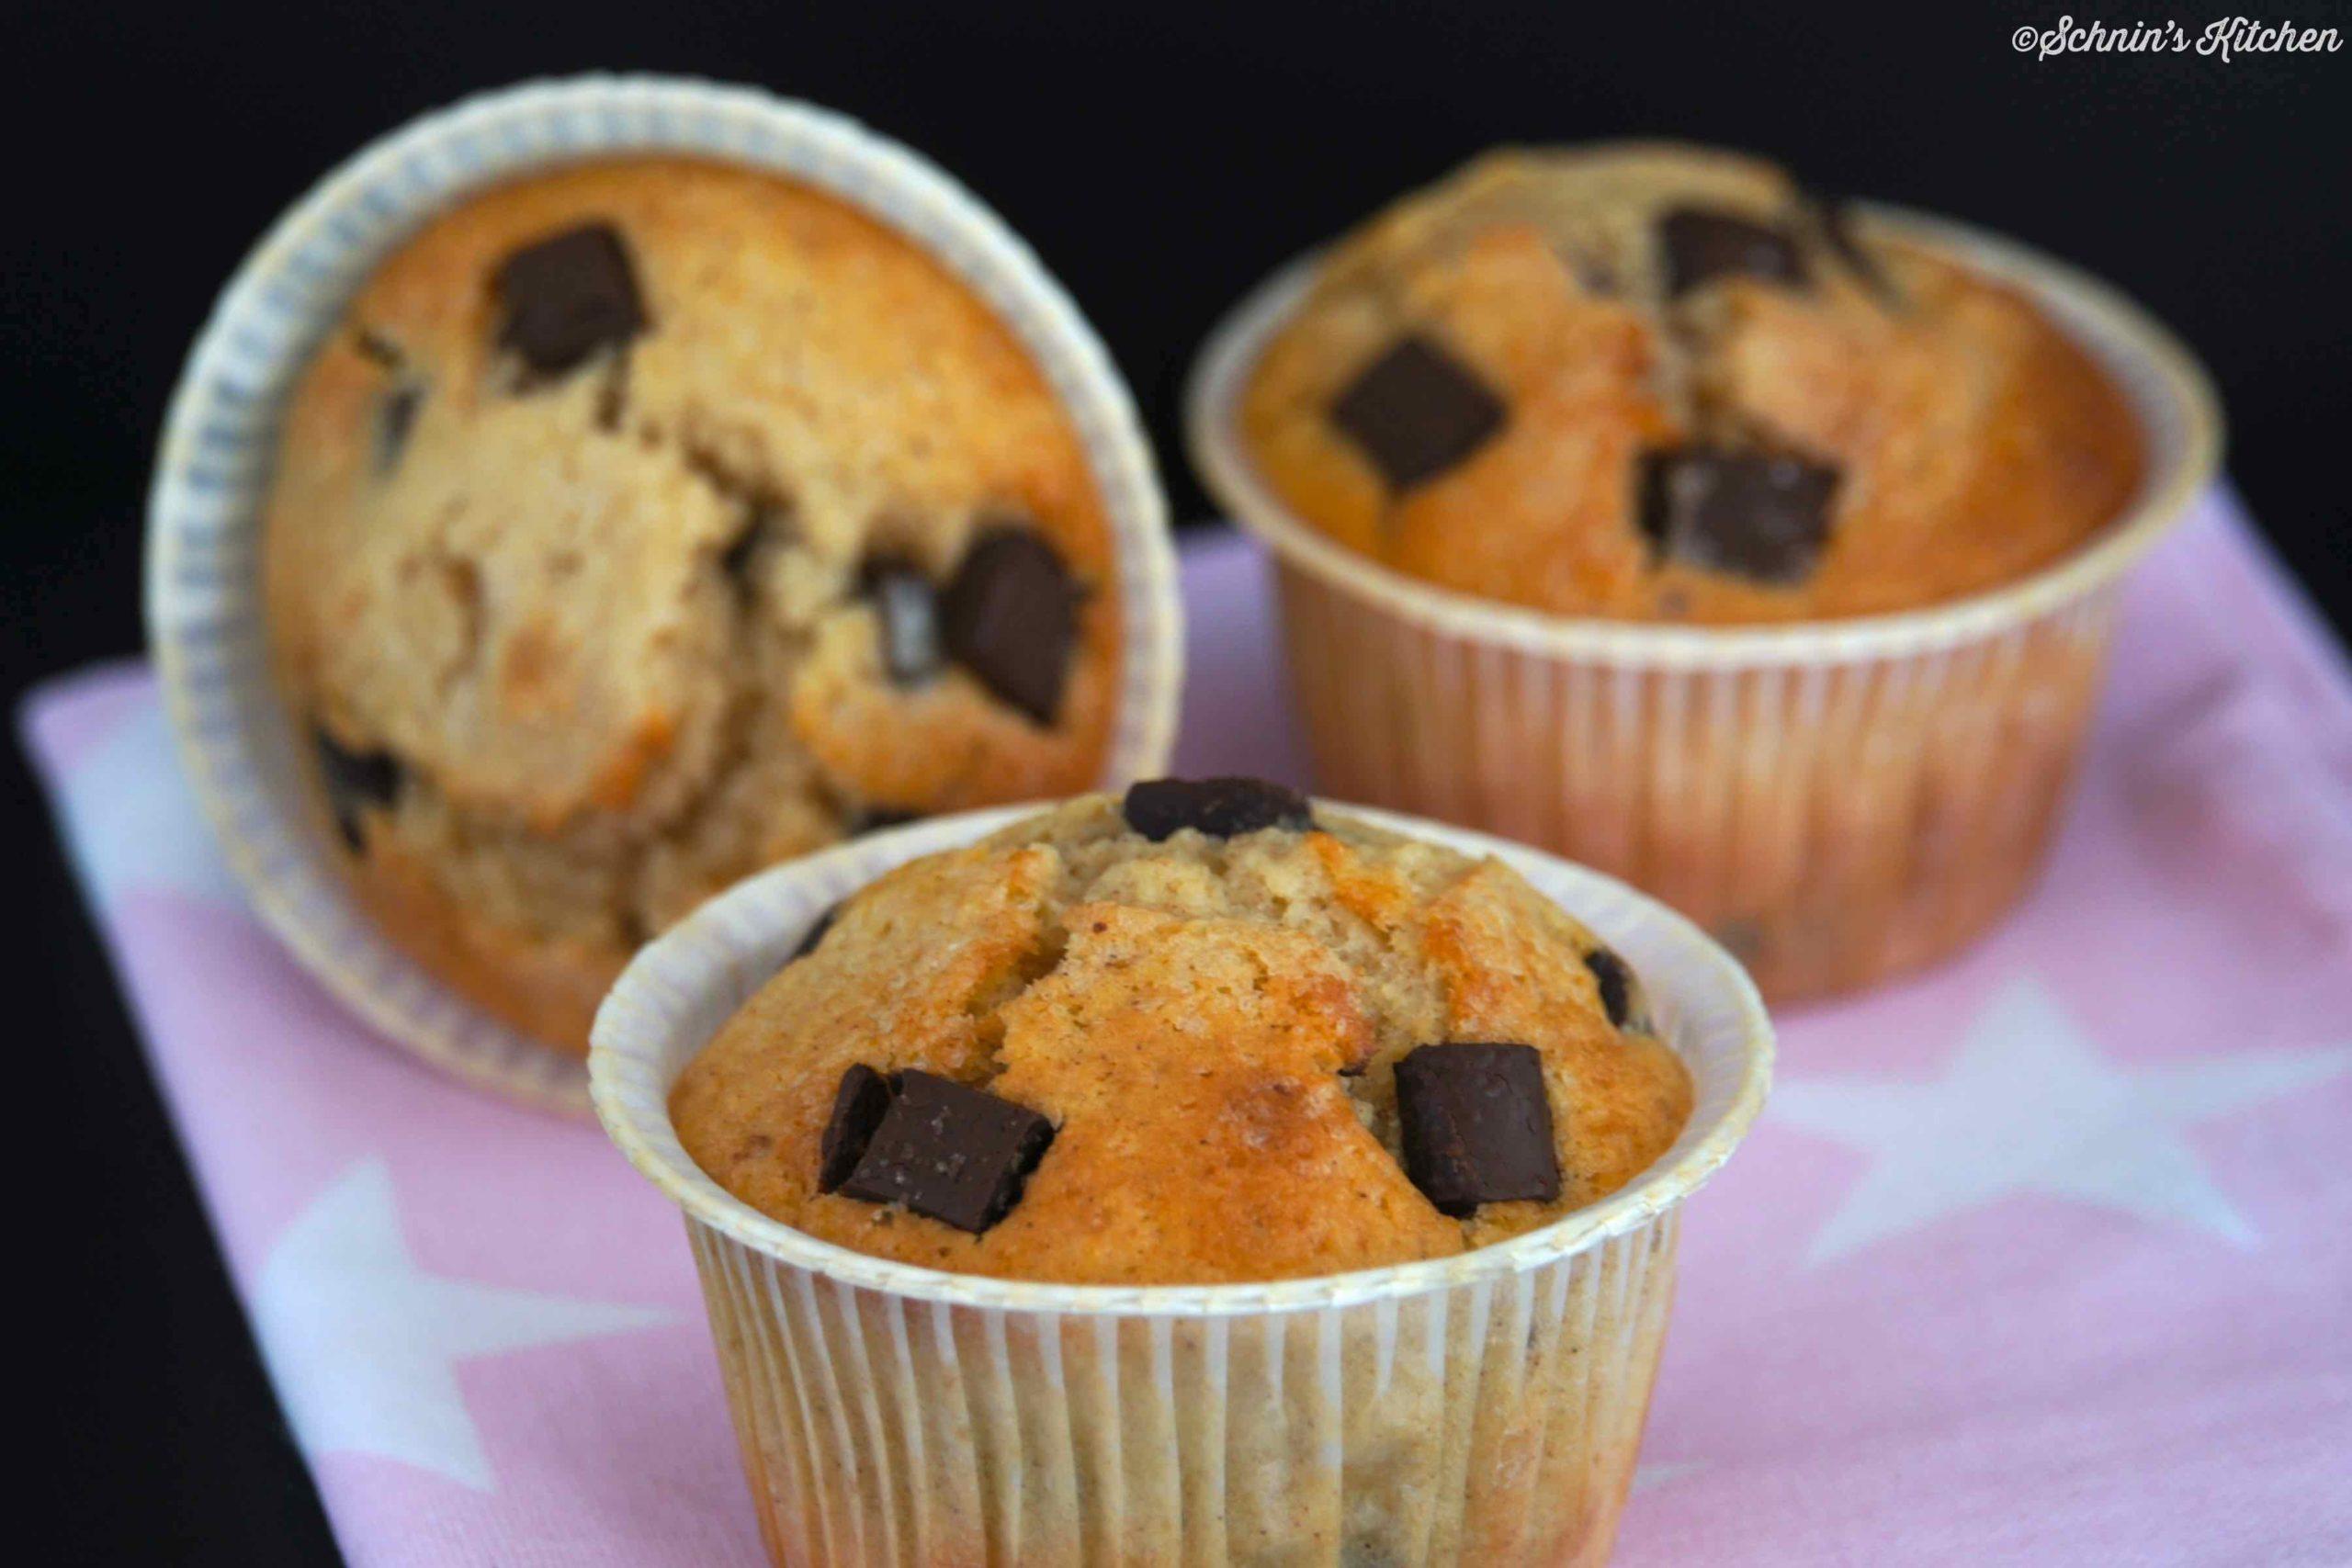 Chocolate Chip Muffins - das Klassiker-Rezept aus den Amerika: schnell und einfach. | www.schninskitchen.de